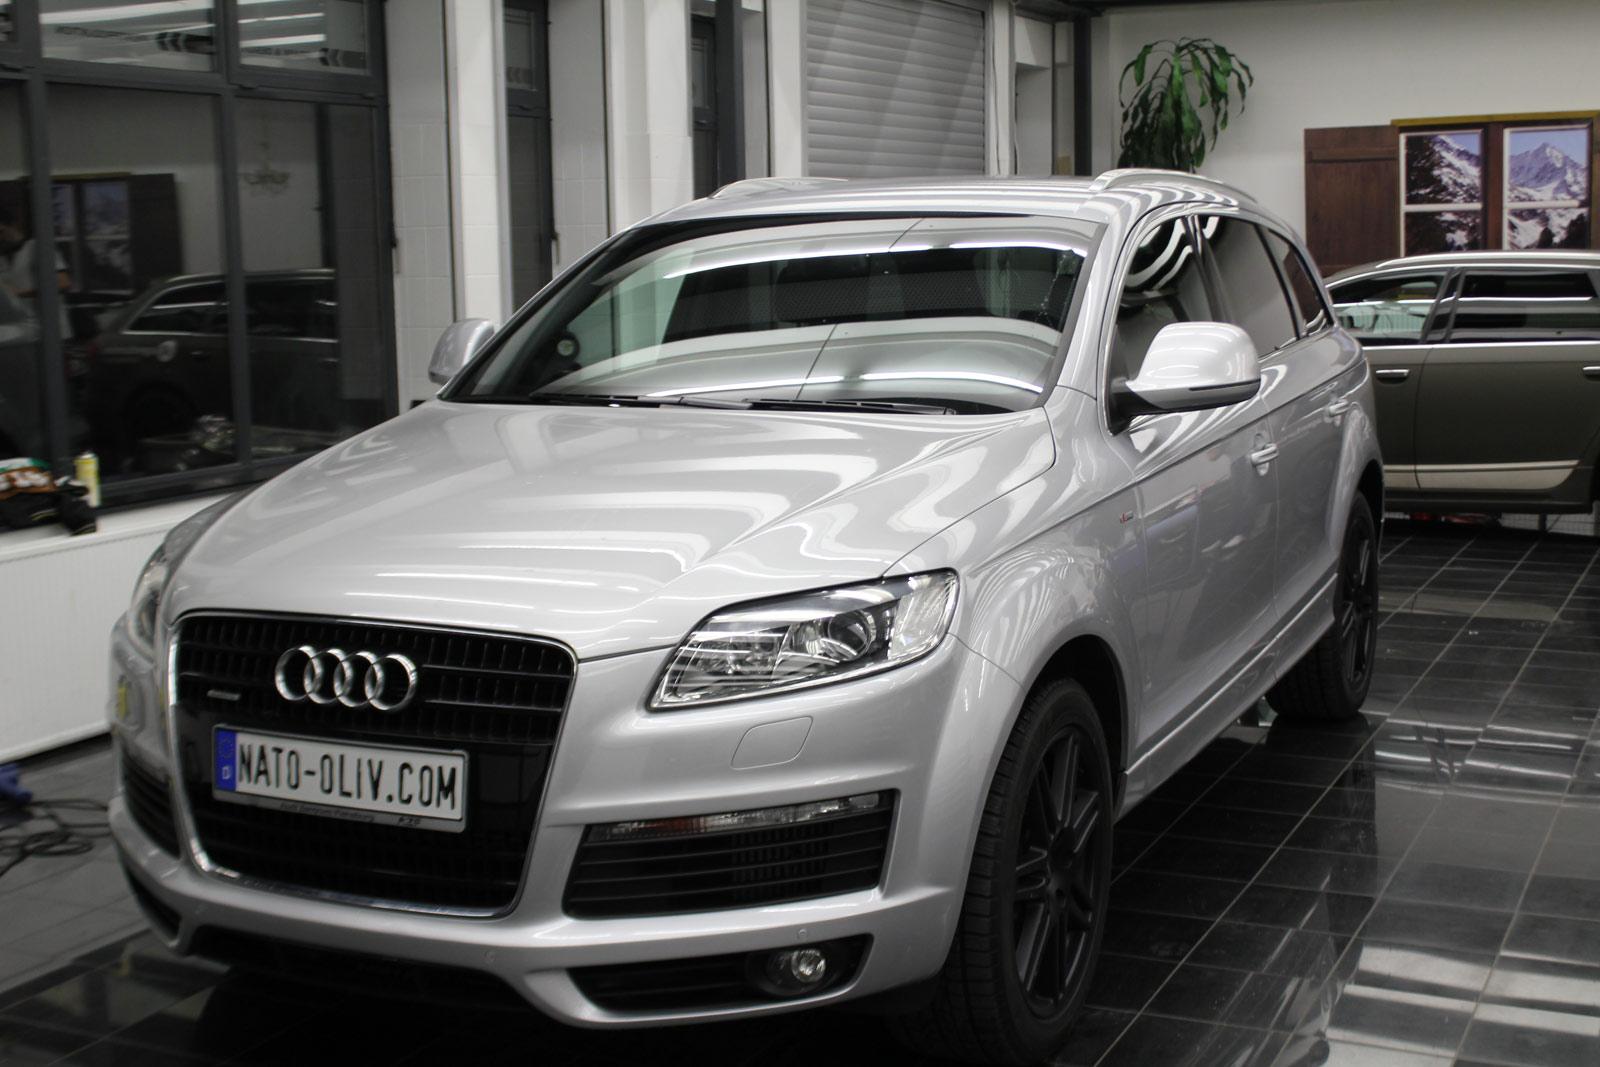 Audi_Q7_Folierung_Schwarz_Matt_01